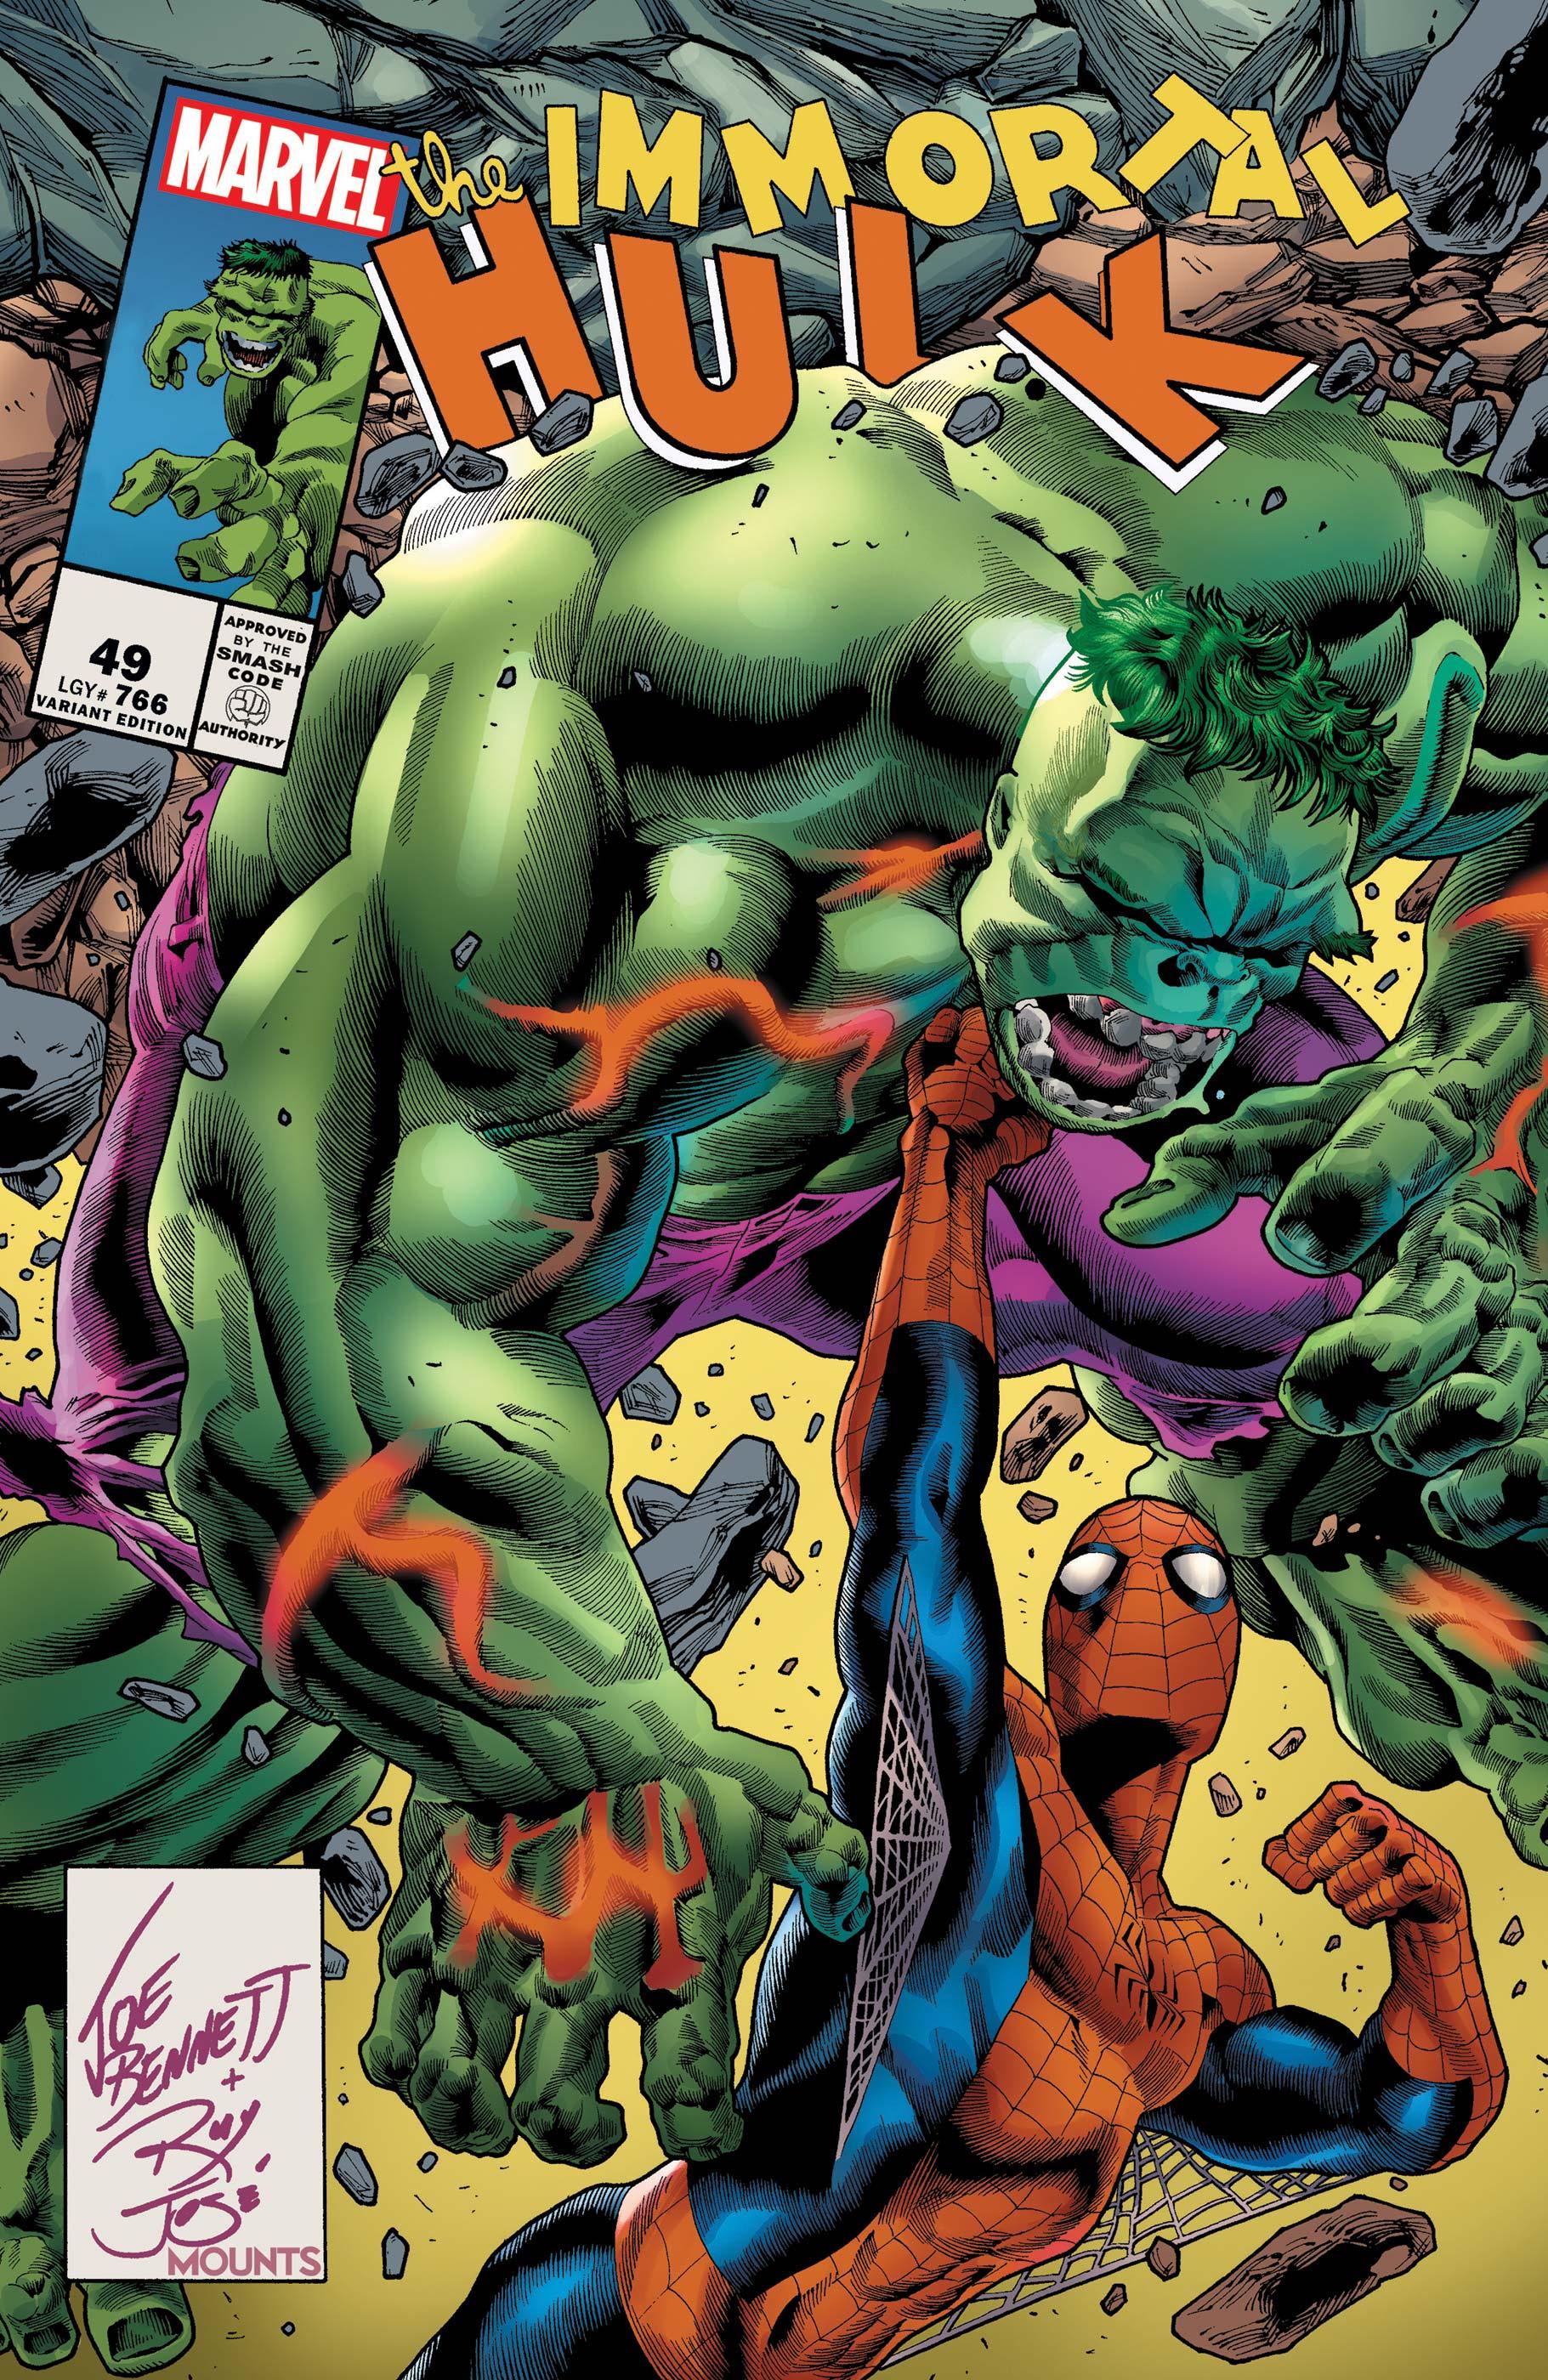 Immortal Hulk (2018) #49 (Variant)